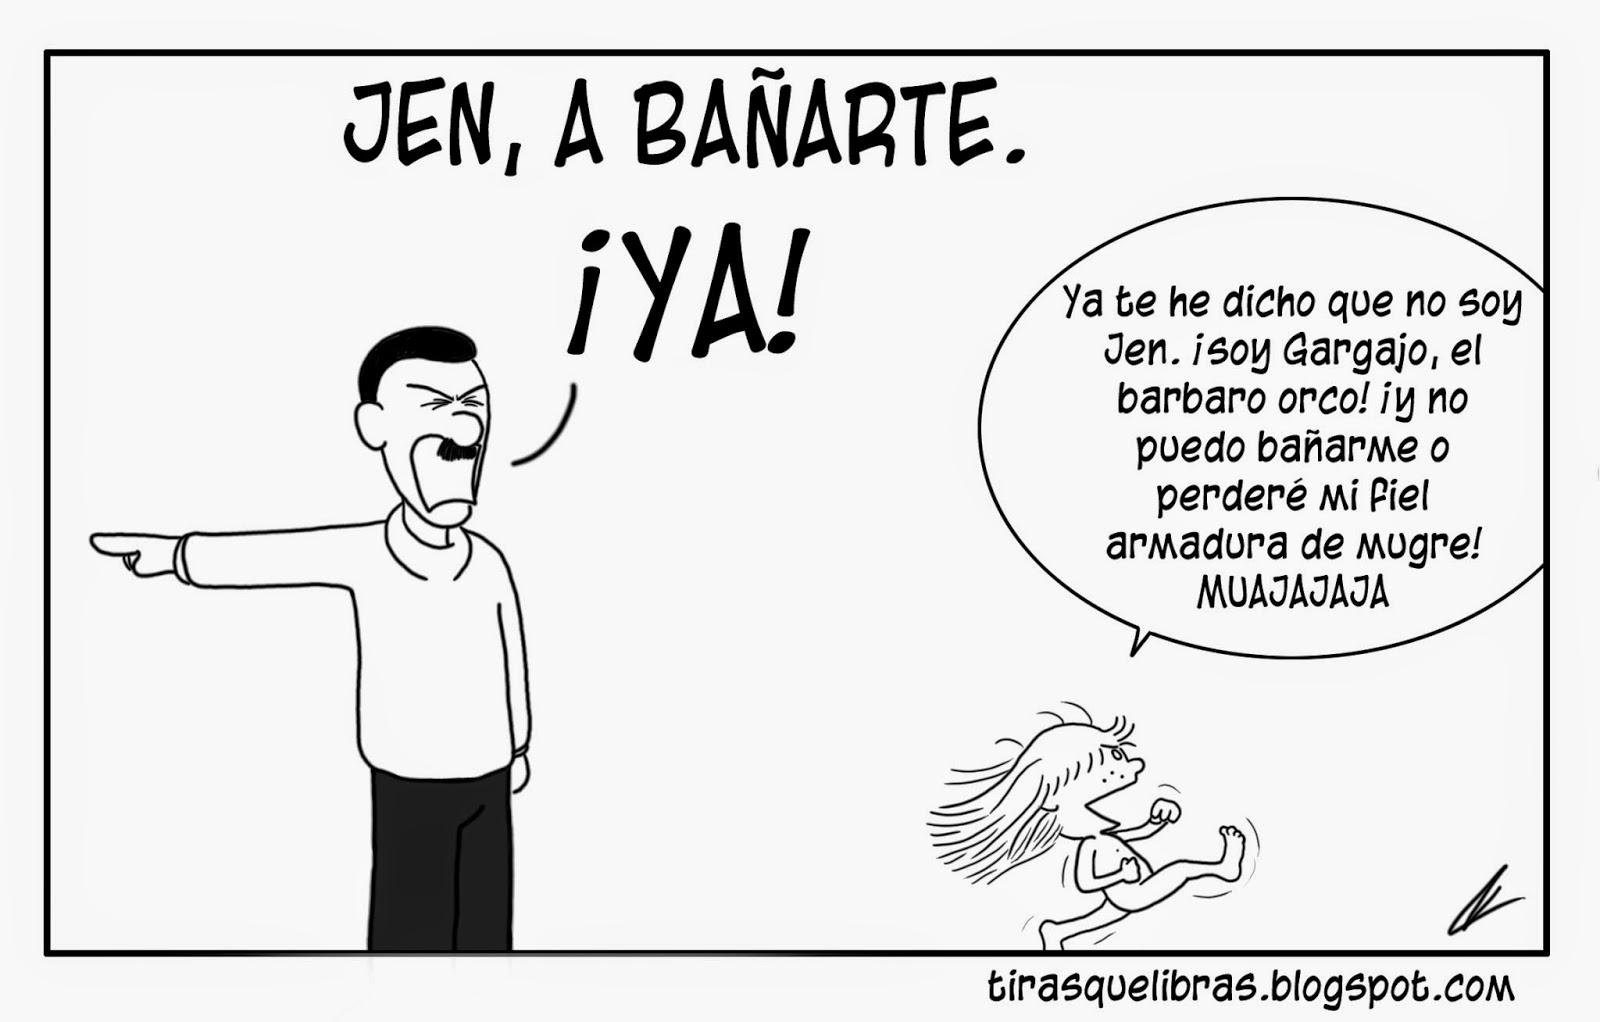 webcomic, jen no quiere bañarse porque podría perder su armadura de mugre orca